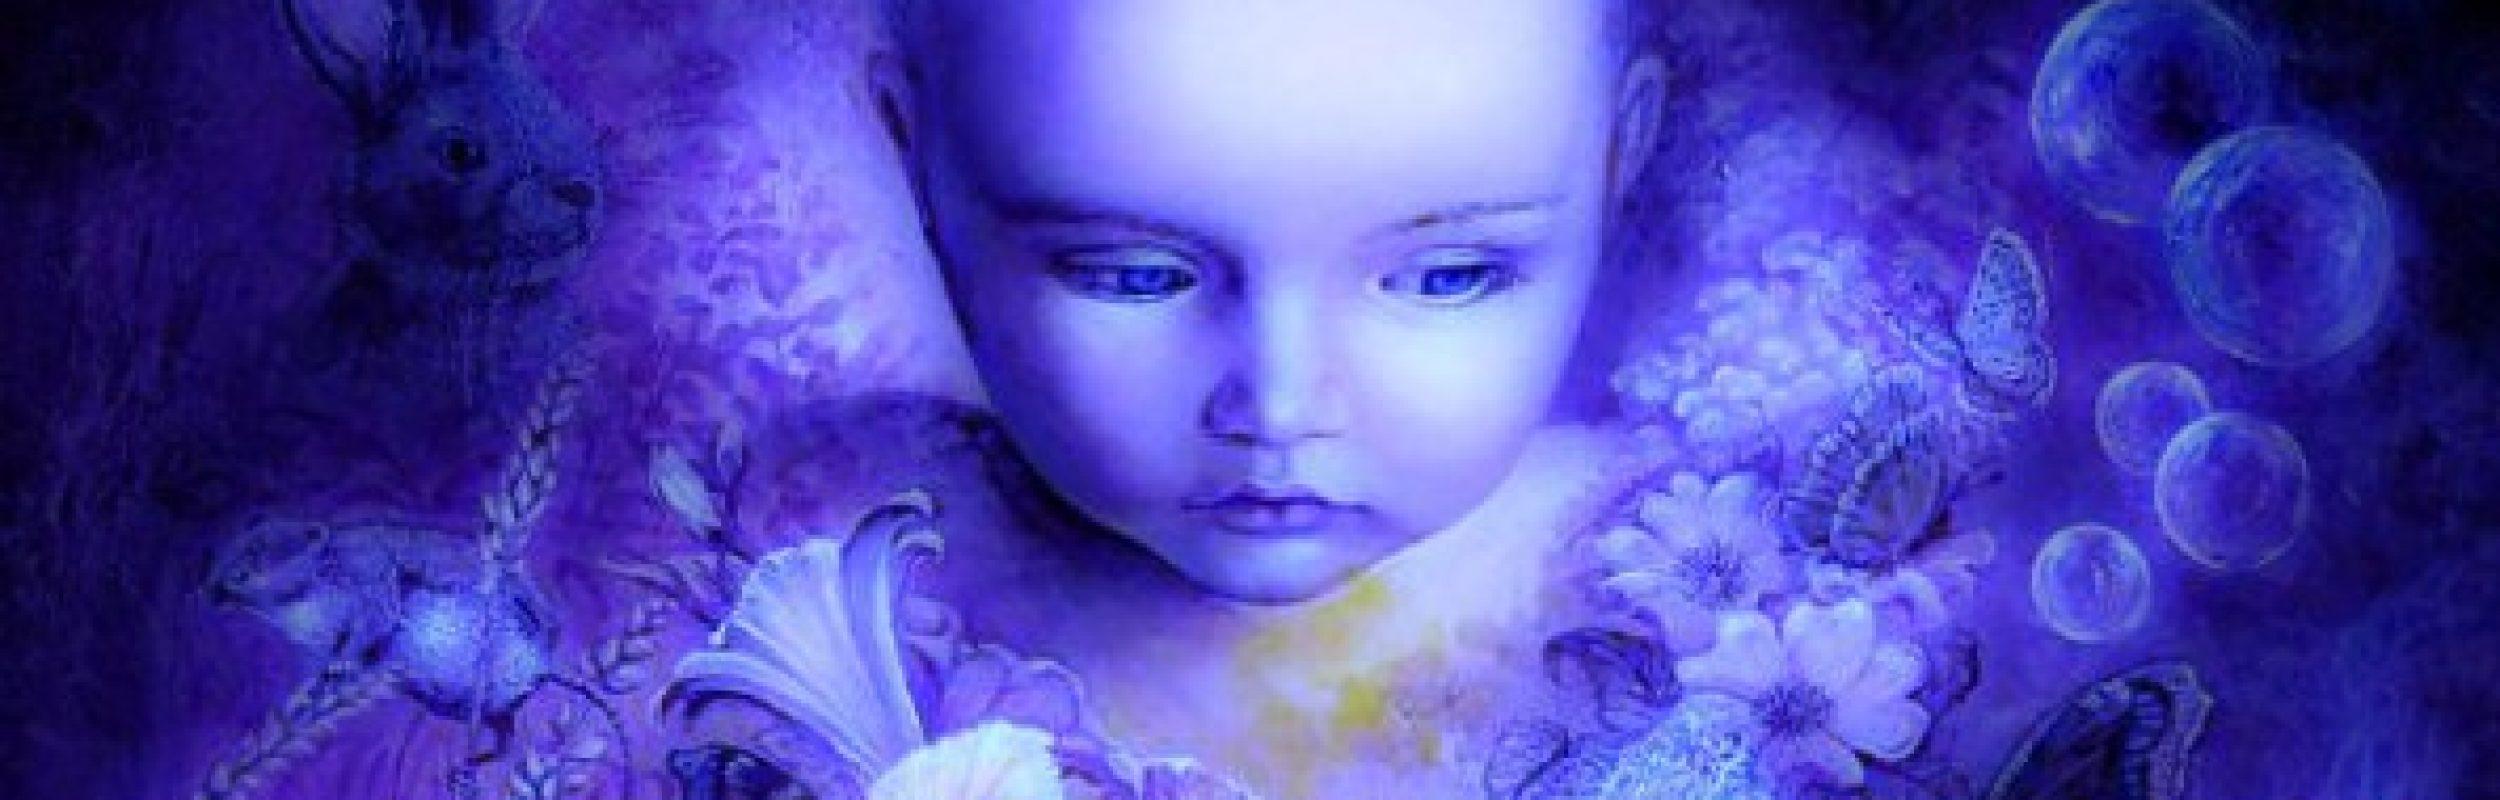 Niños indigo, cristal y arcoiris…¿qué se esconde detrás de estas creencias?